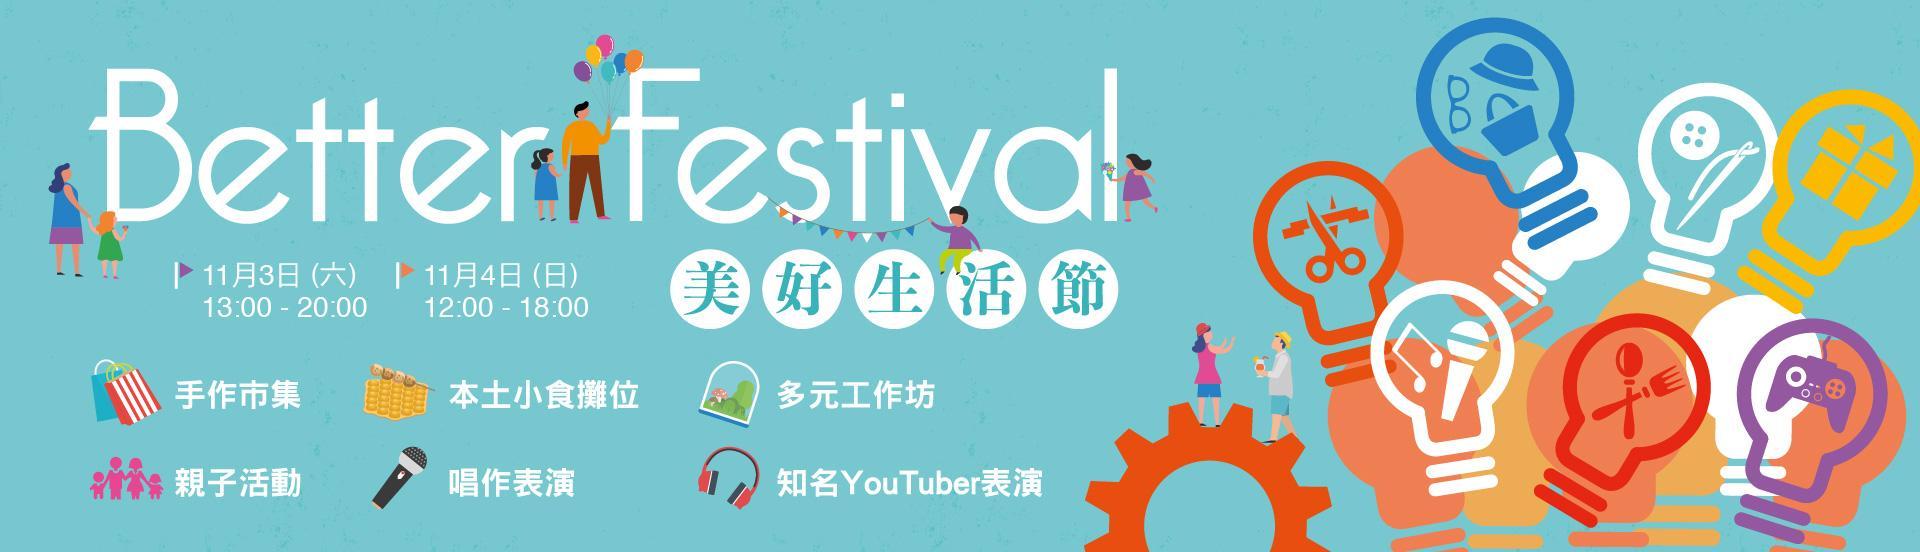 The Better Festival 美好生活節